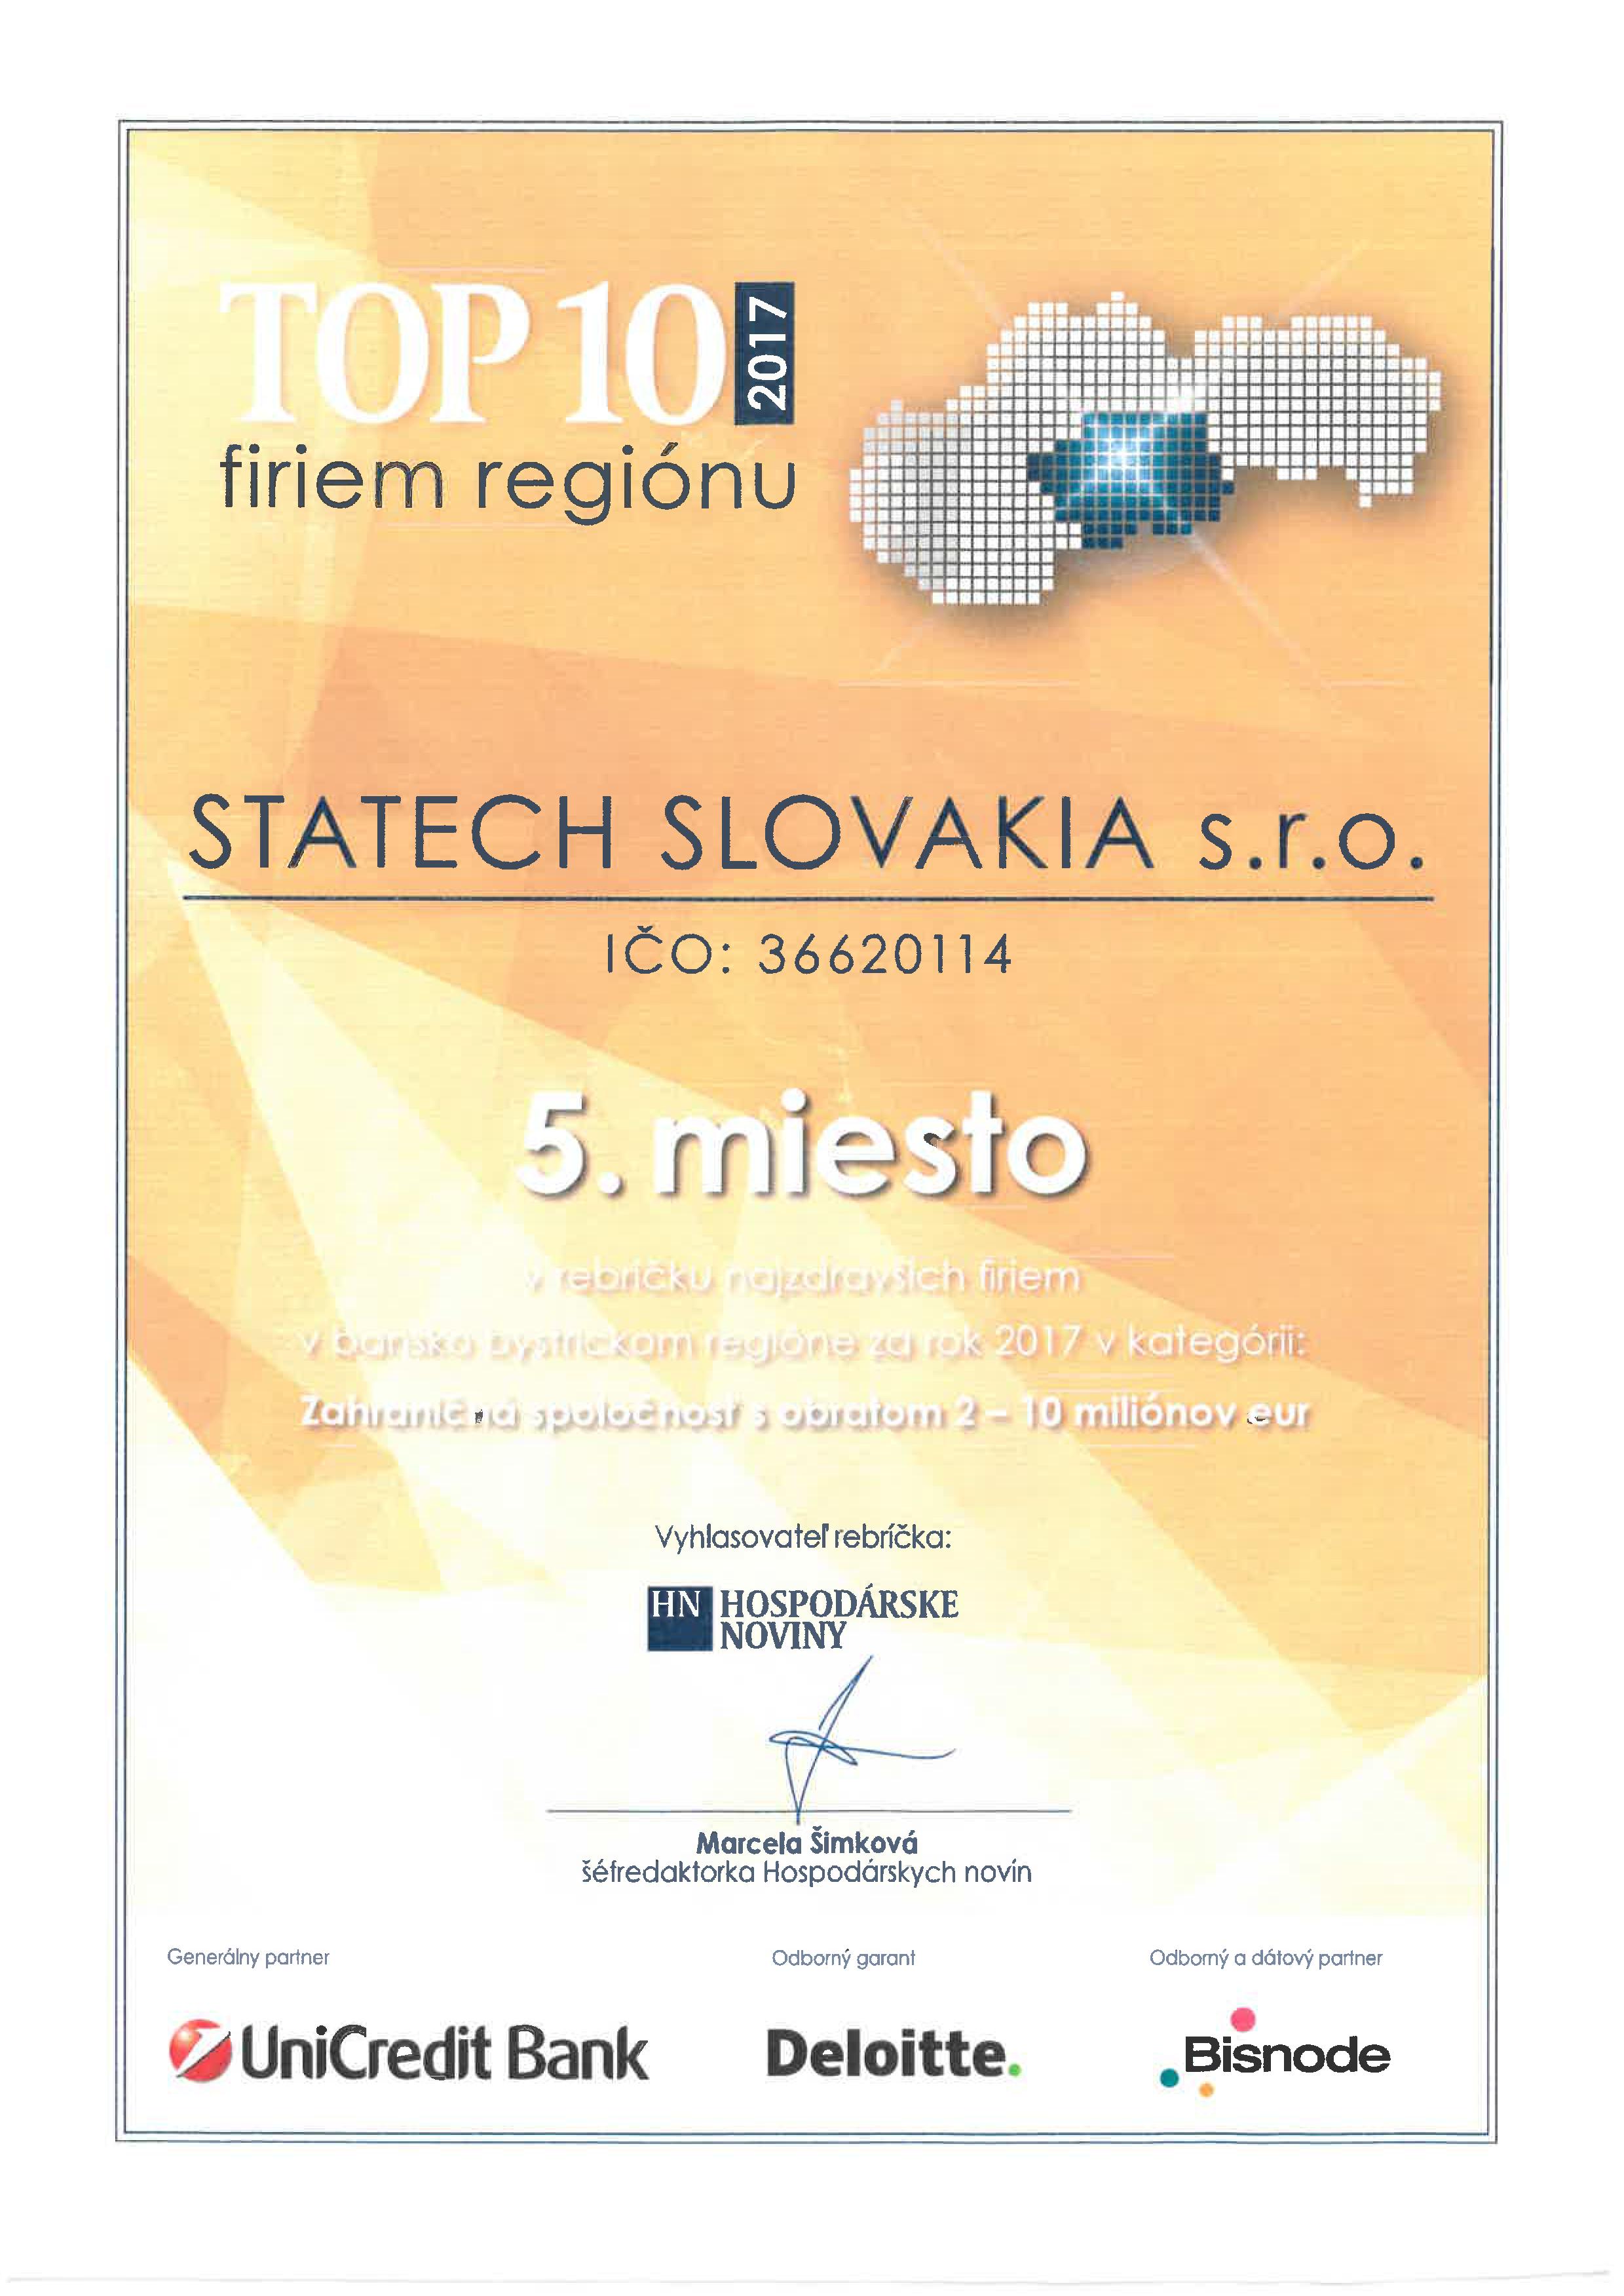 e6e91a939 Máme veľkú radosť z umiestnenia v rebríčku TOP 10 najzdravších firiem v  bansko bystrickom regióne za rok 2017. Ďakujeme všetkým naším zákazníkom za  ...